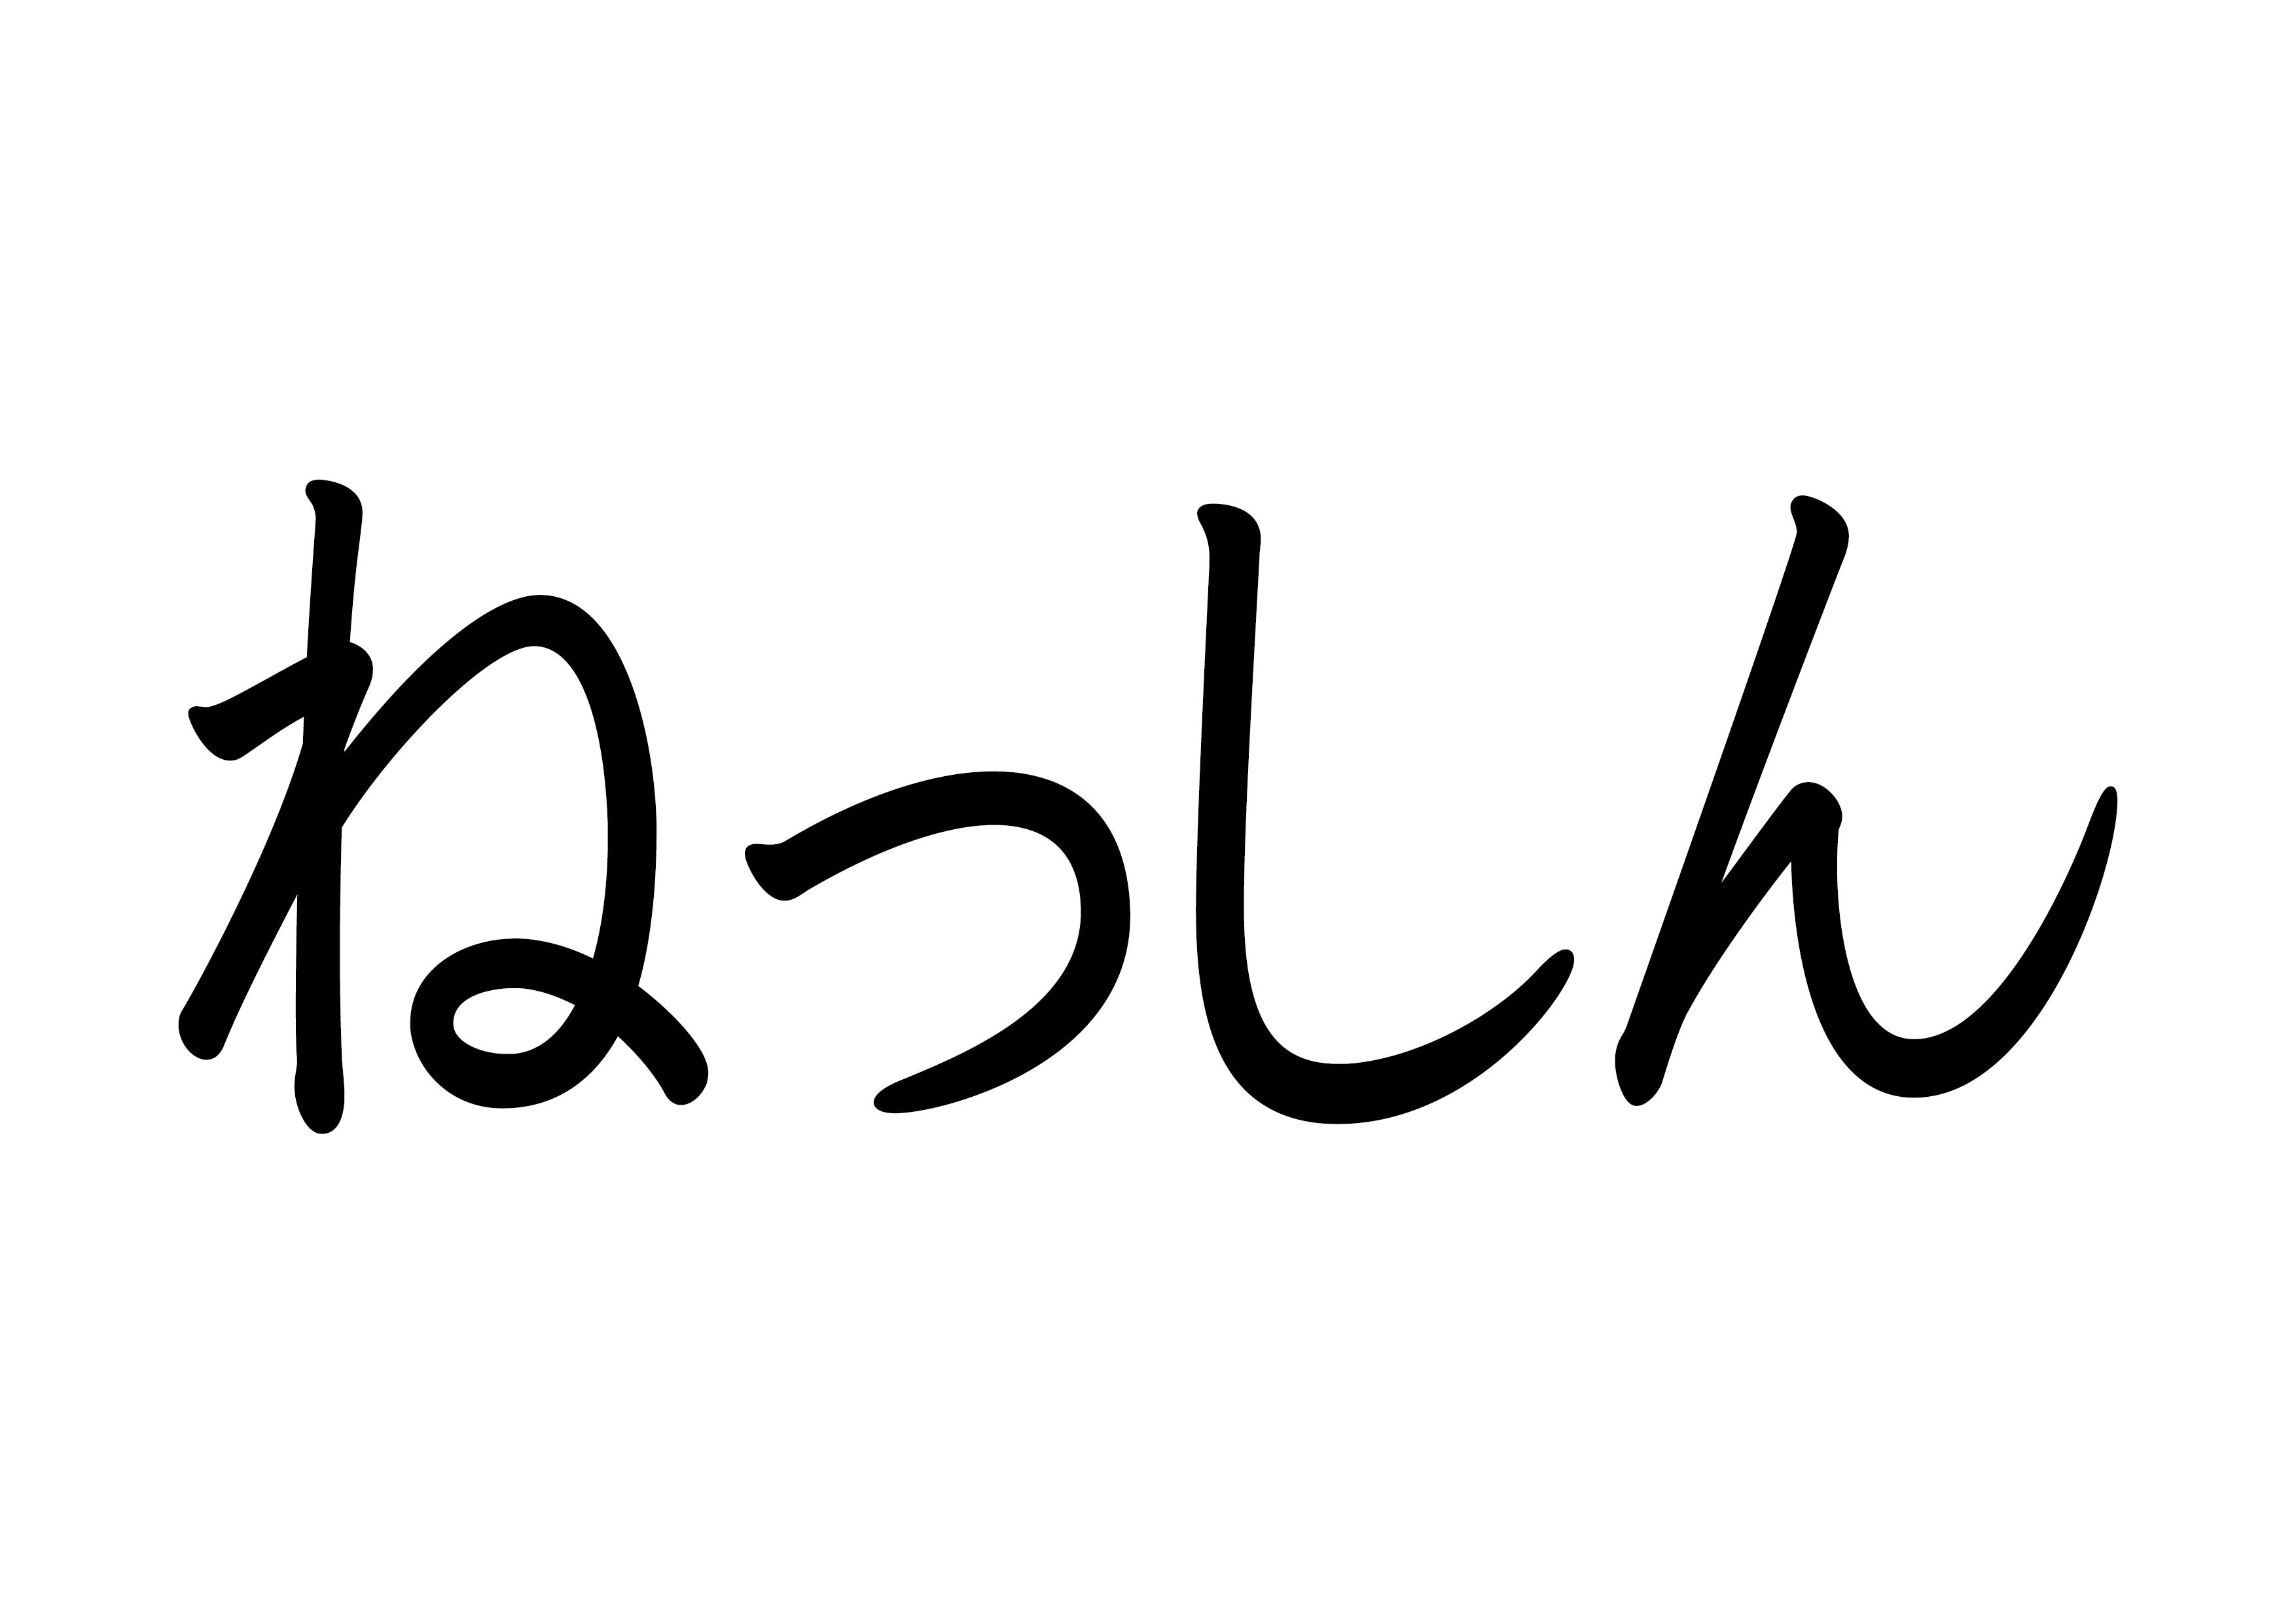 28課文字カード【熱心】